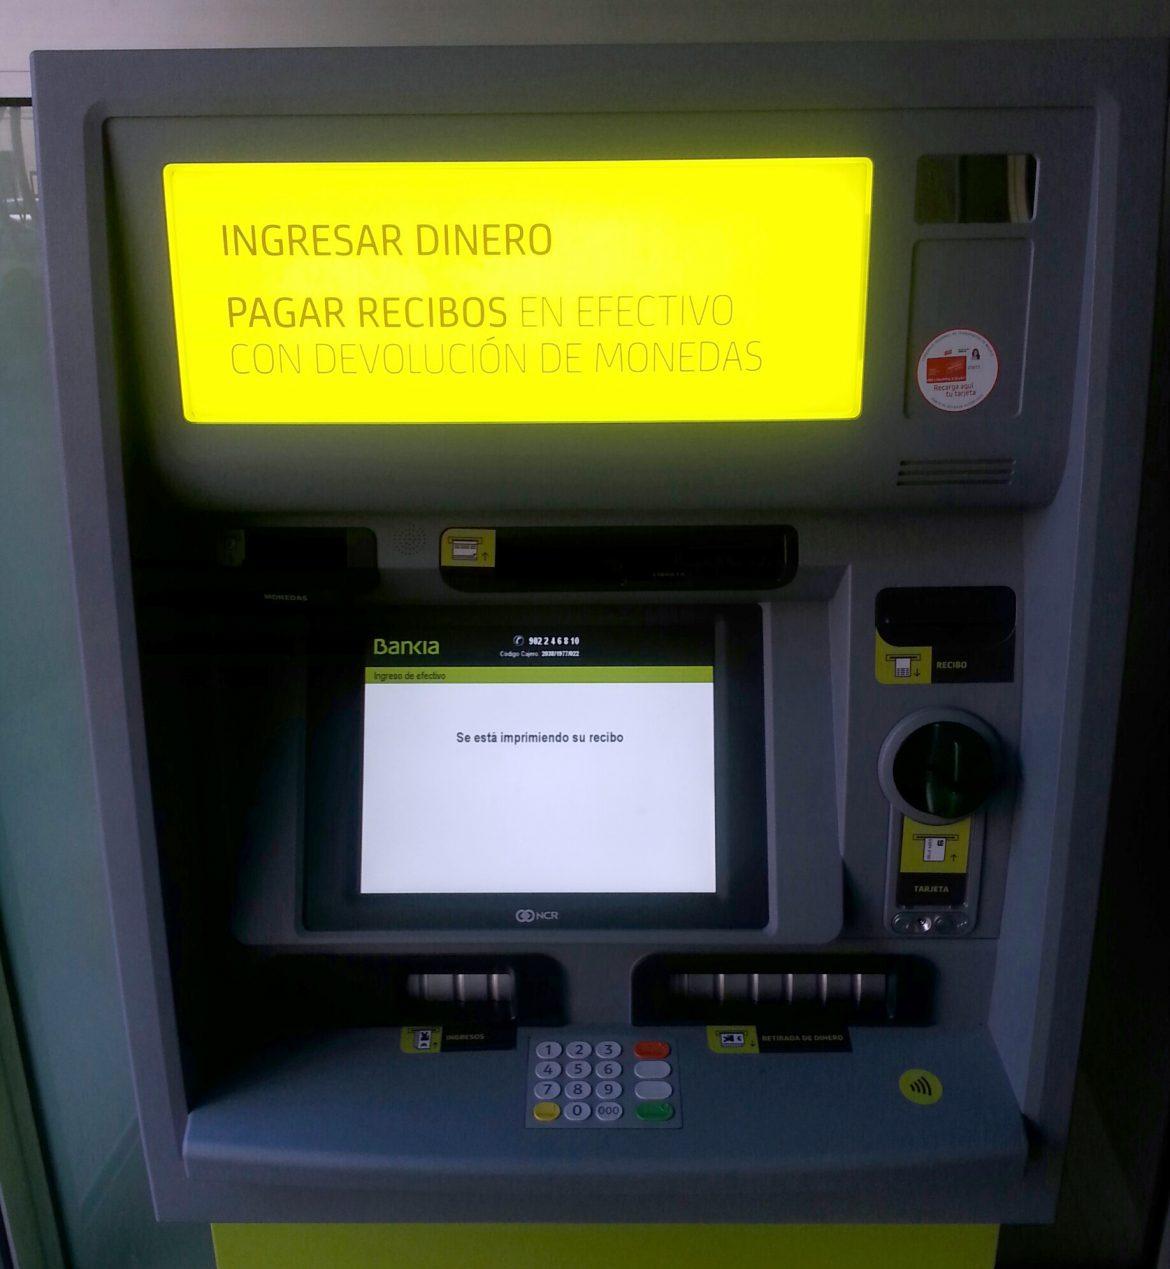 Como imprimir un recibo de bankia, masquelibros